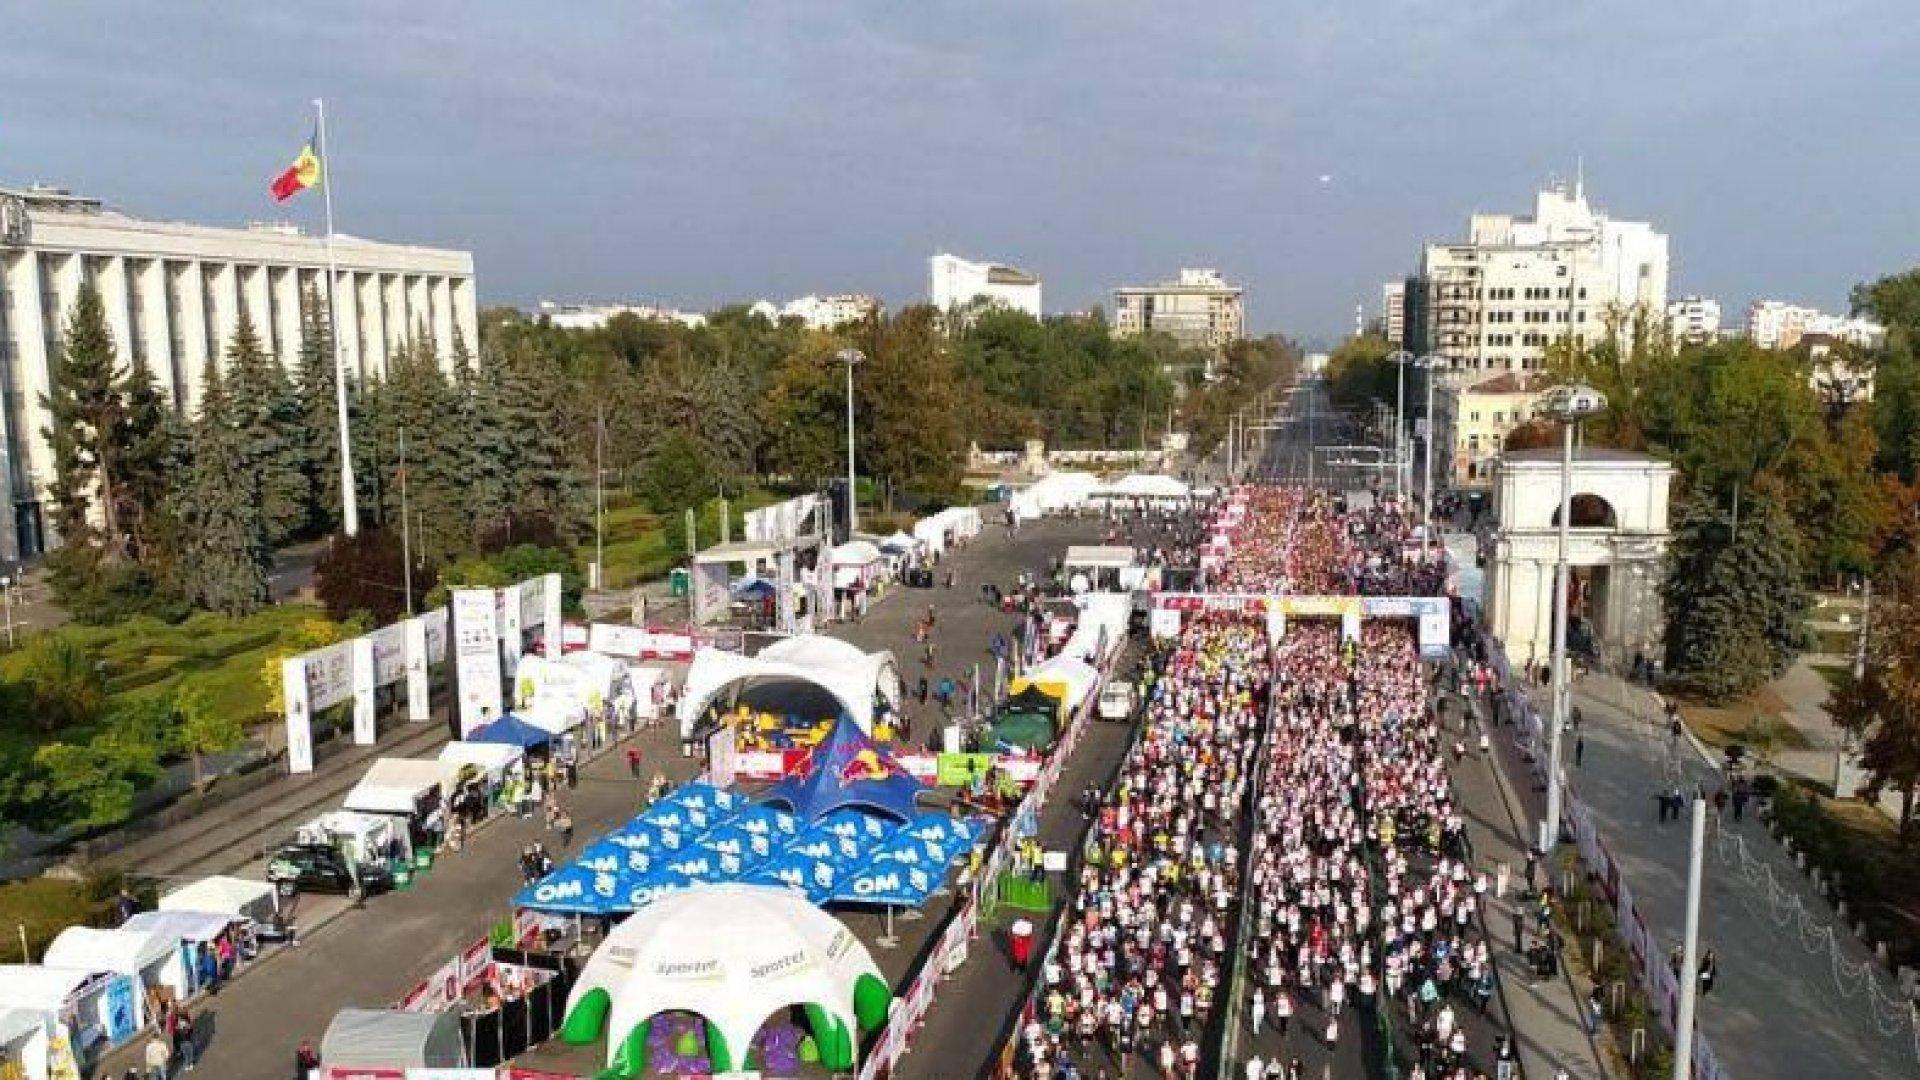 La Maratonul Internaţional din Chişinău au participă două mii de persoane, din 26 de ţări